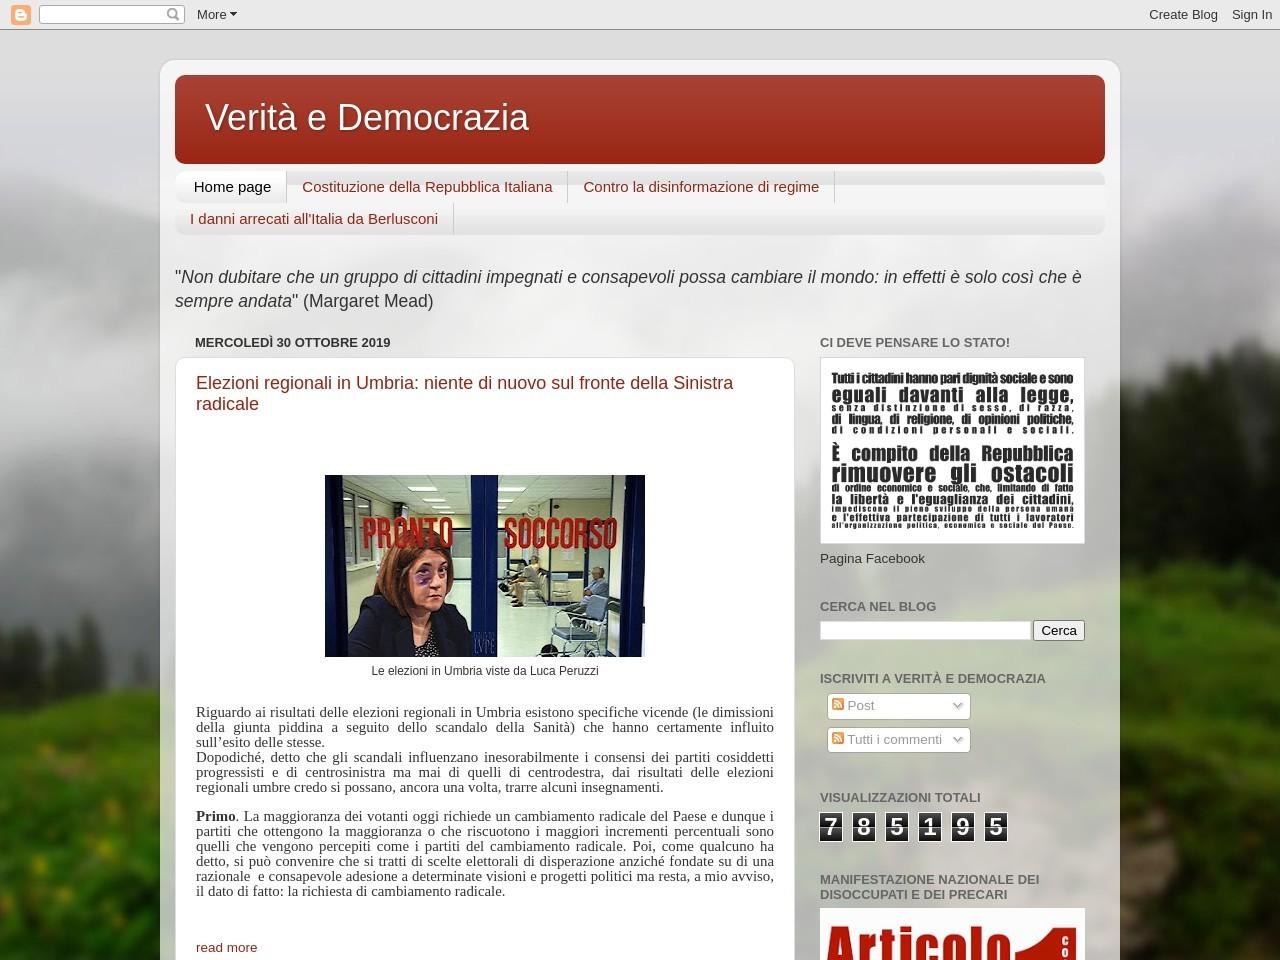 verita-e-democrazia